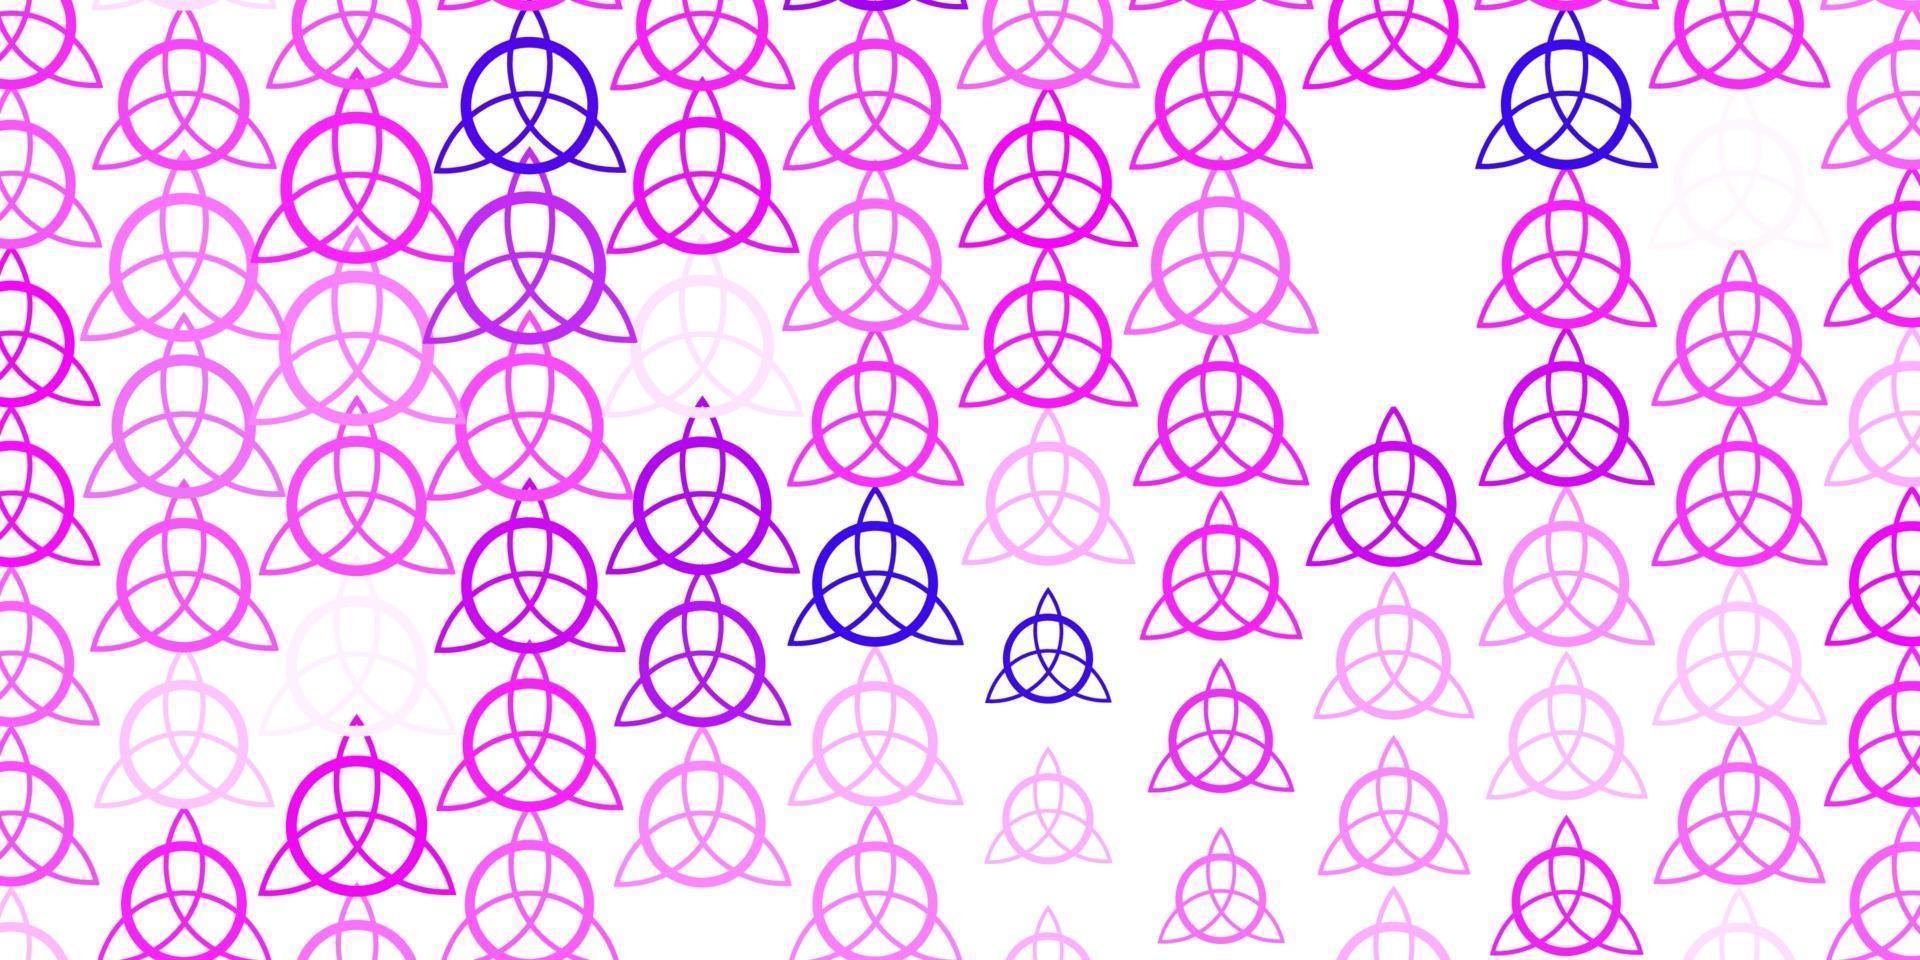 lichtpaars, roze vector sjabloon met esoterische tekens.